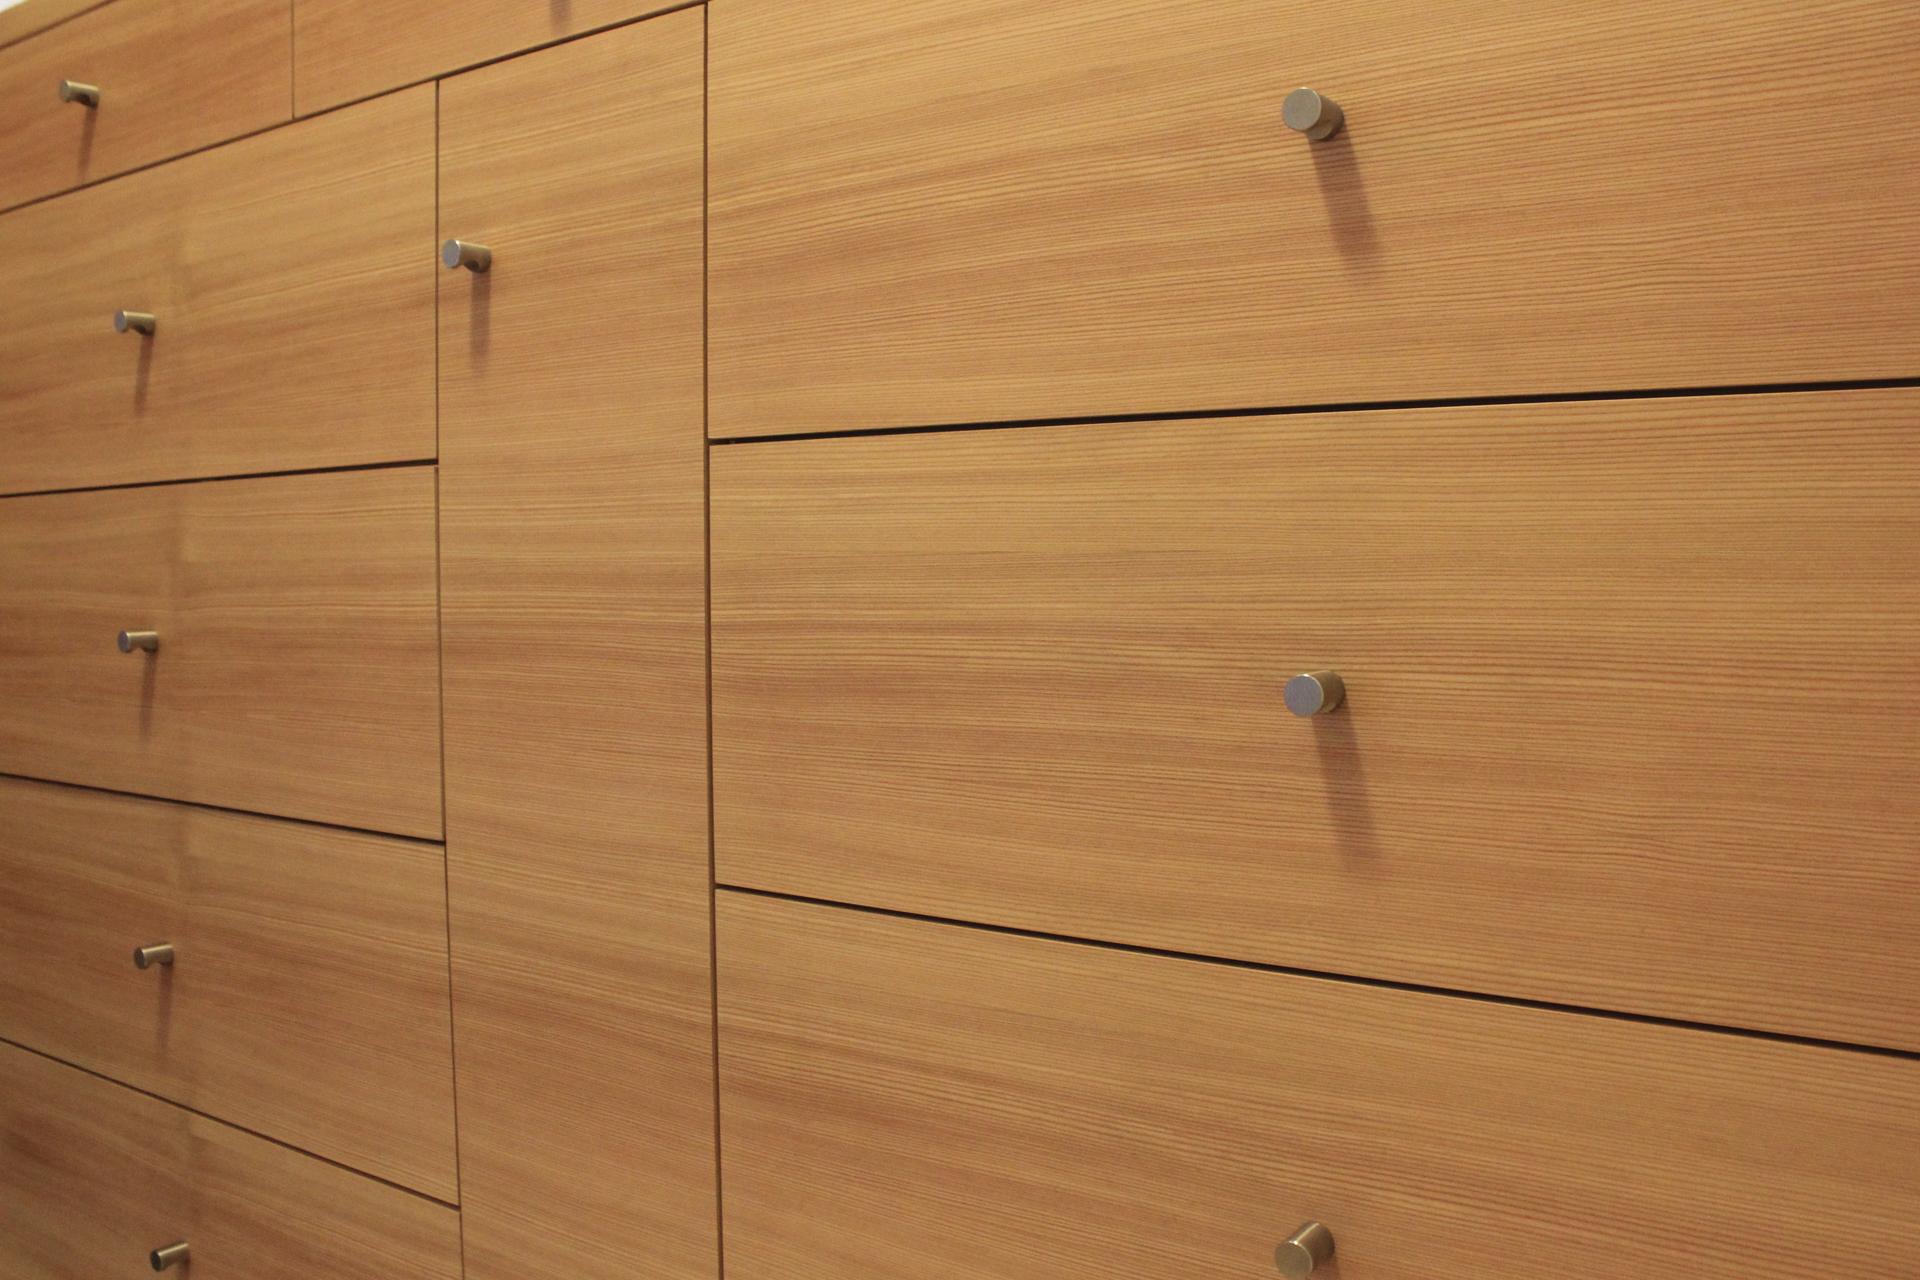 tischlerei-decker-wohnhaus-hofpgarten-interior-schrankfront